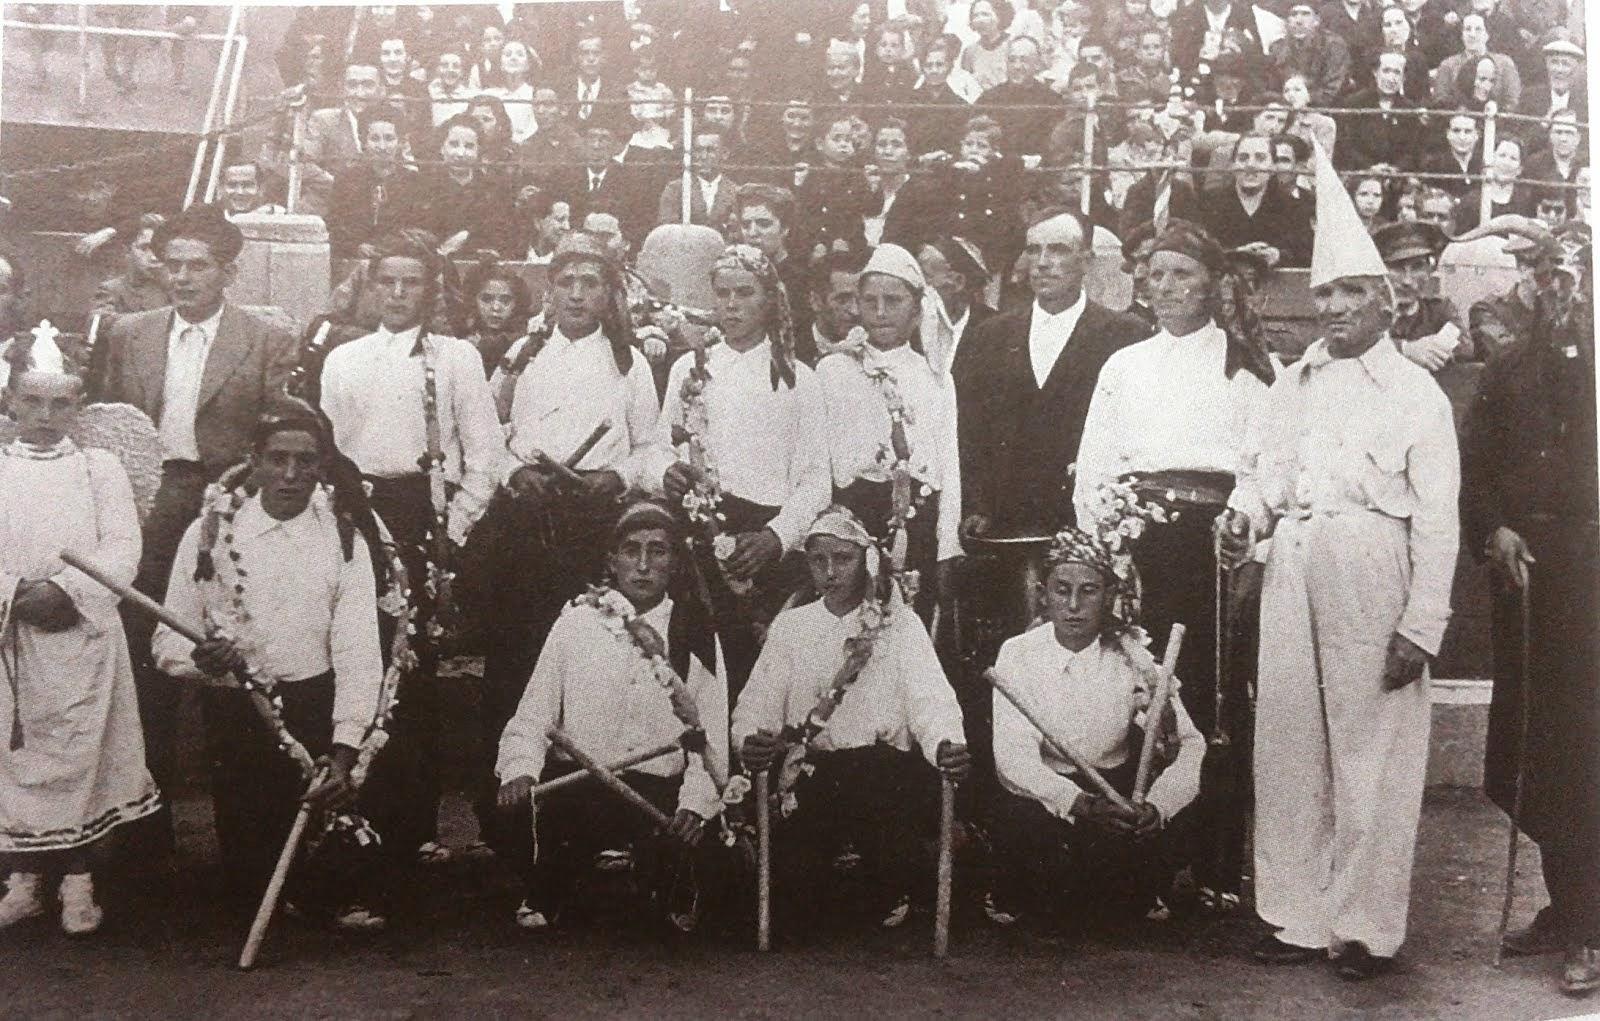 DANZANTES VERA DE MONCAYO. Año 1941. Plaza de toros de Zaragoza